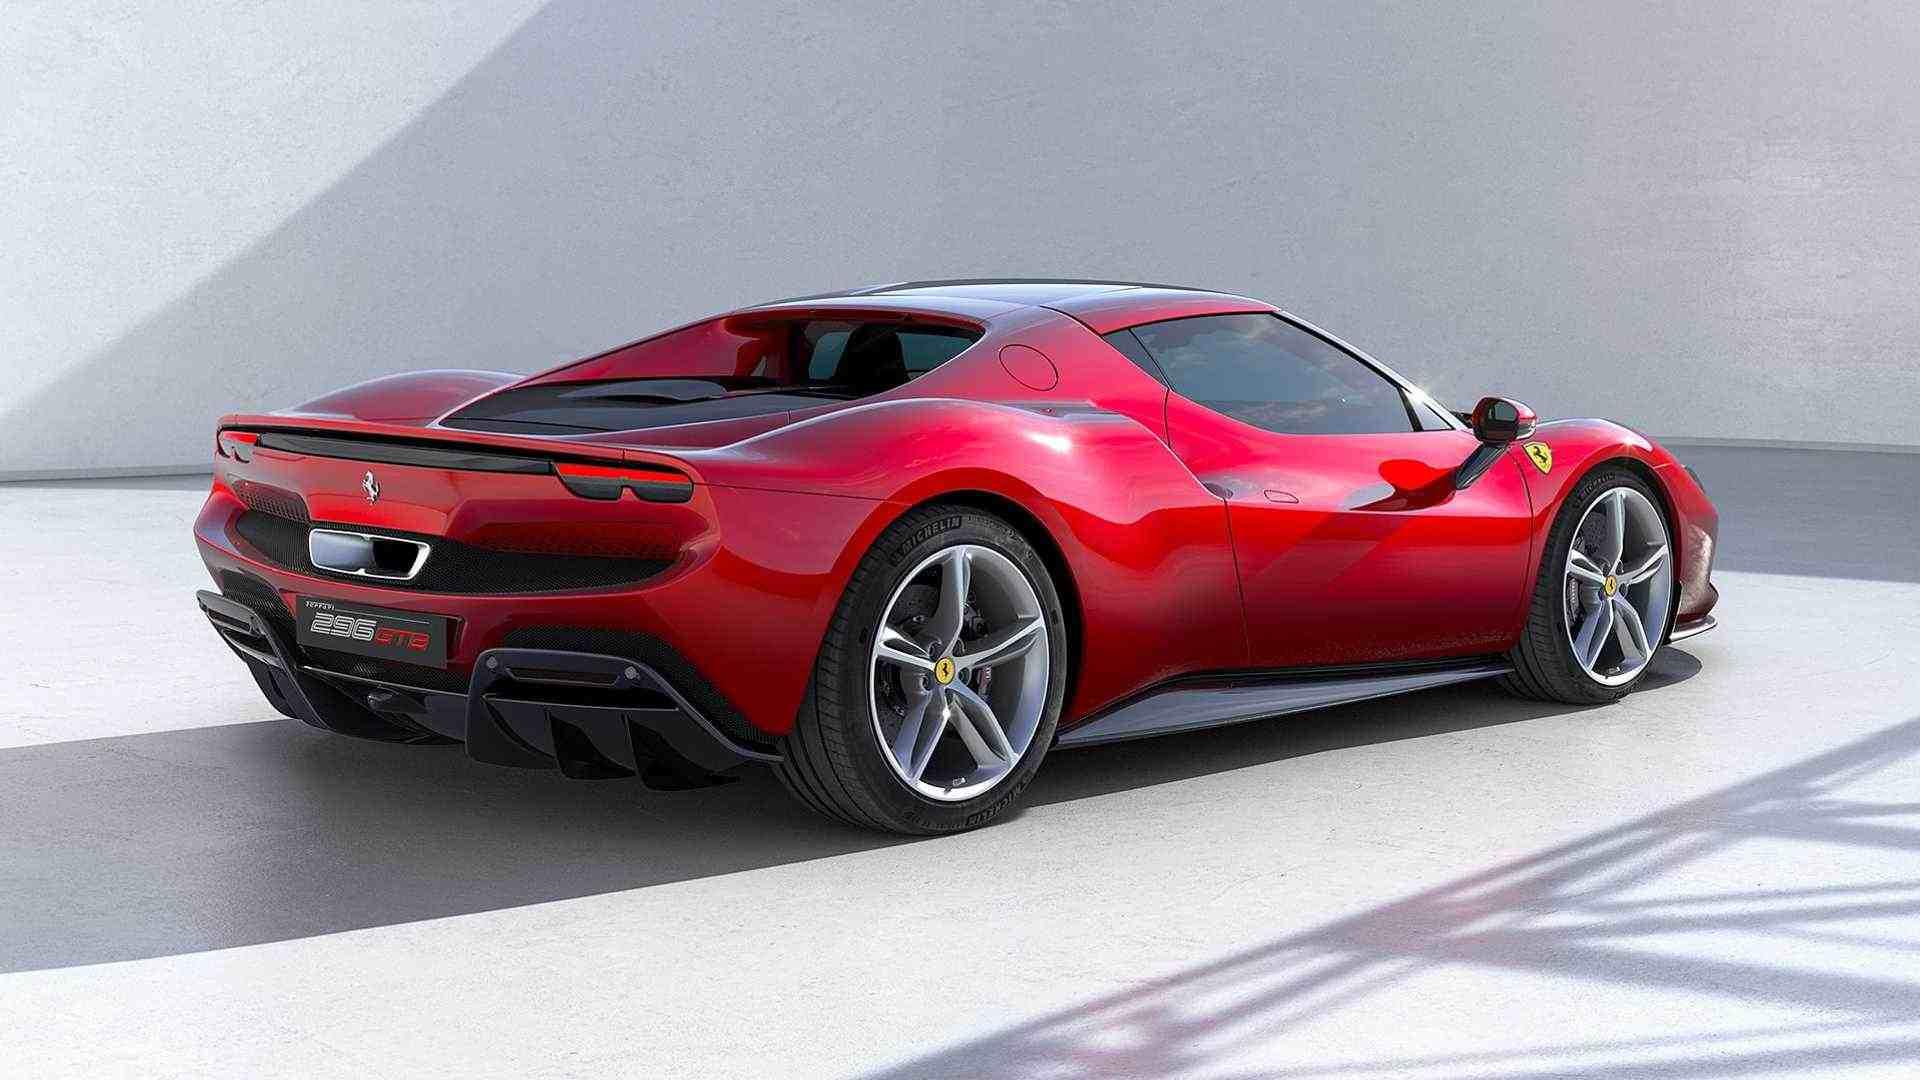 En modo solo eléctrico, el Ferrari 296 GTB tiene una autonomía de hasta 25 kilómetros.  Imagen: Ferrari